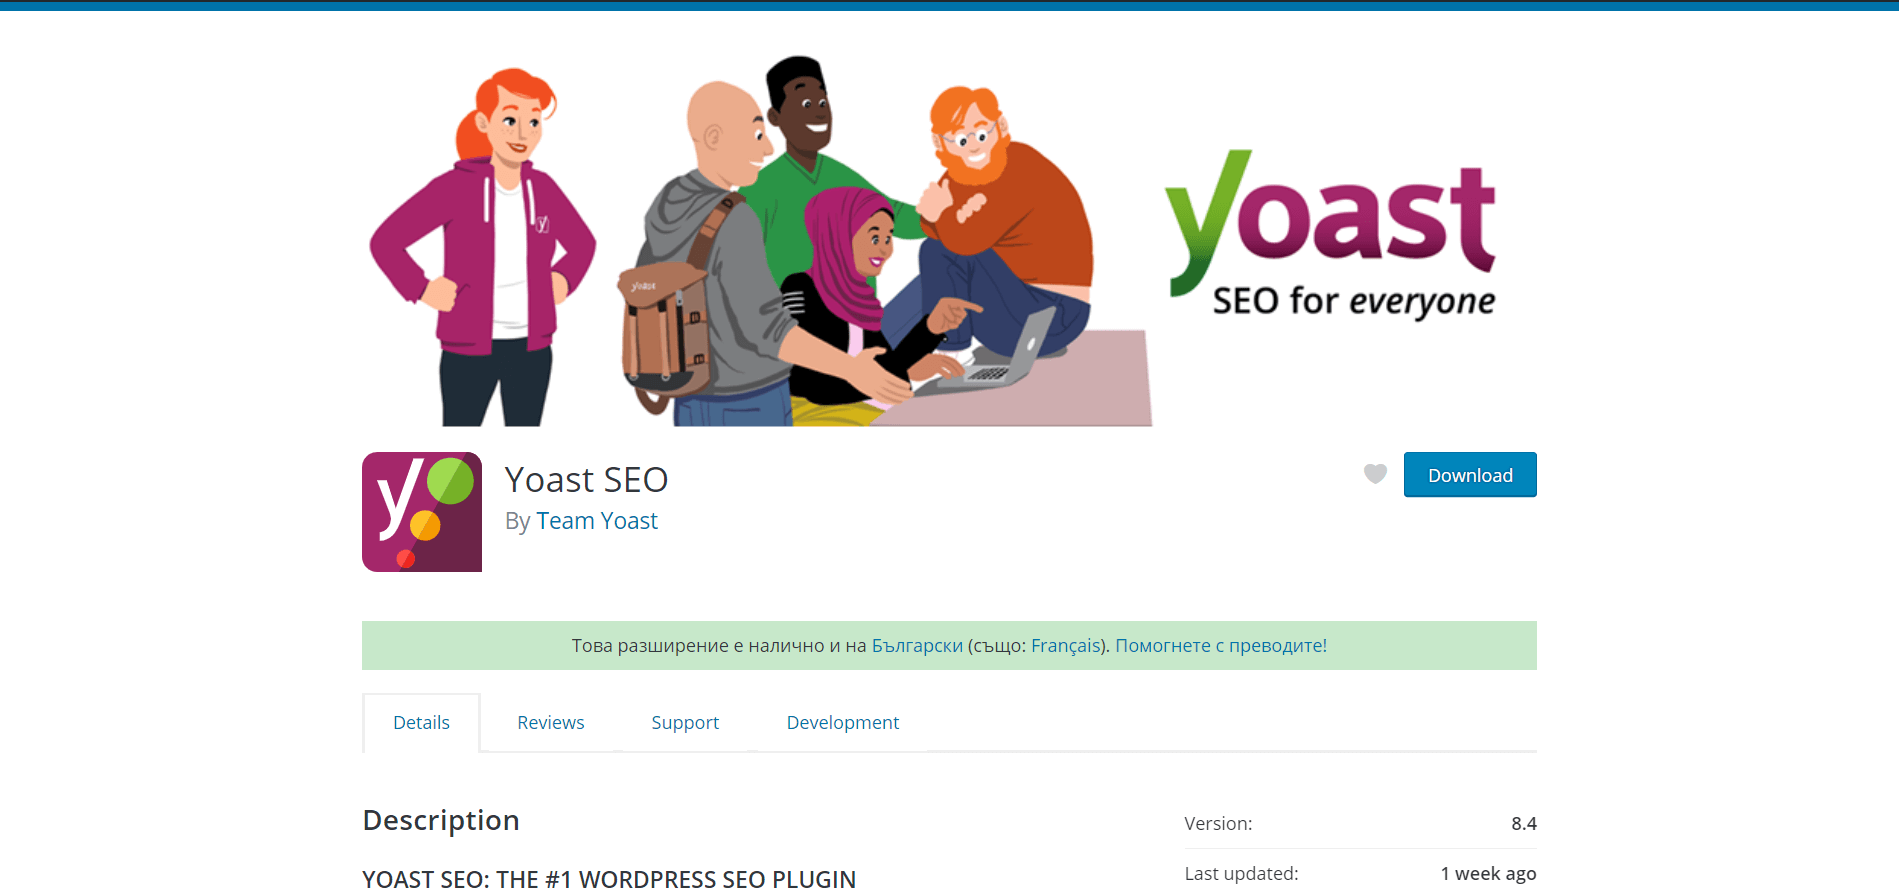 Configure Yoast SEO